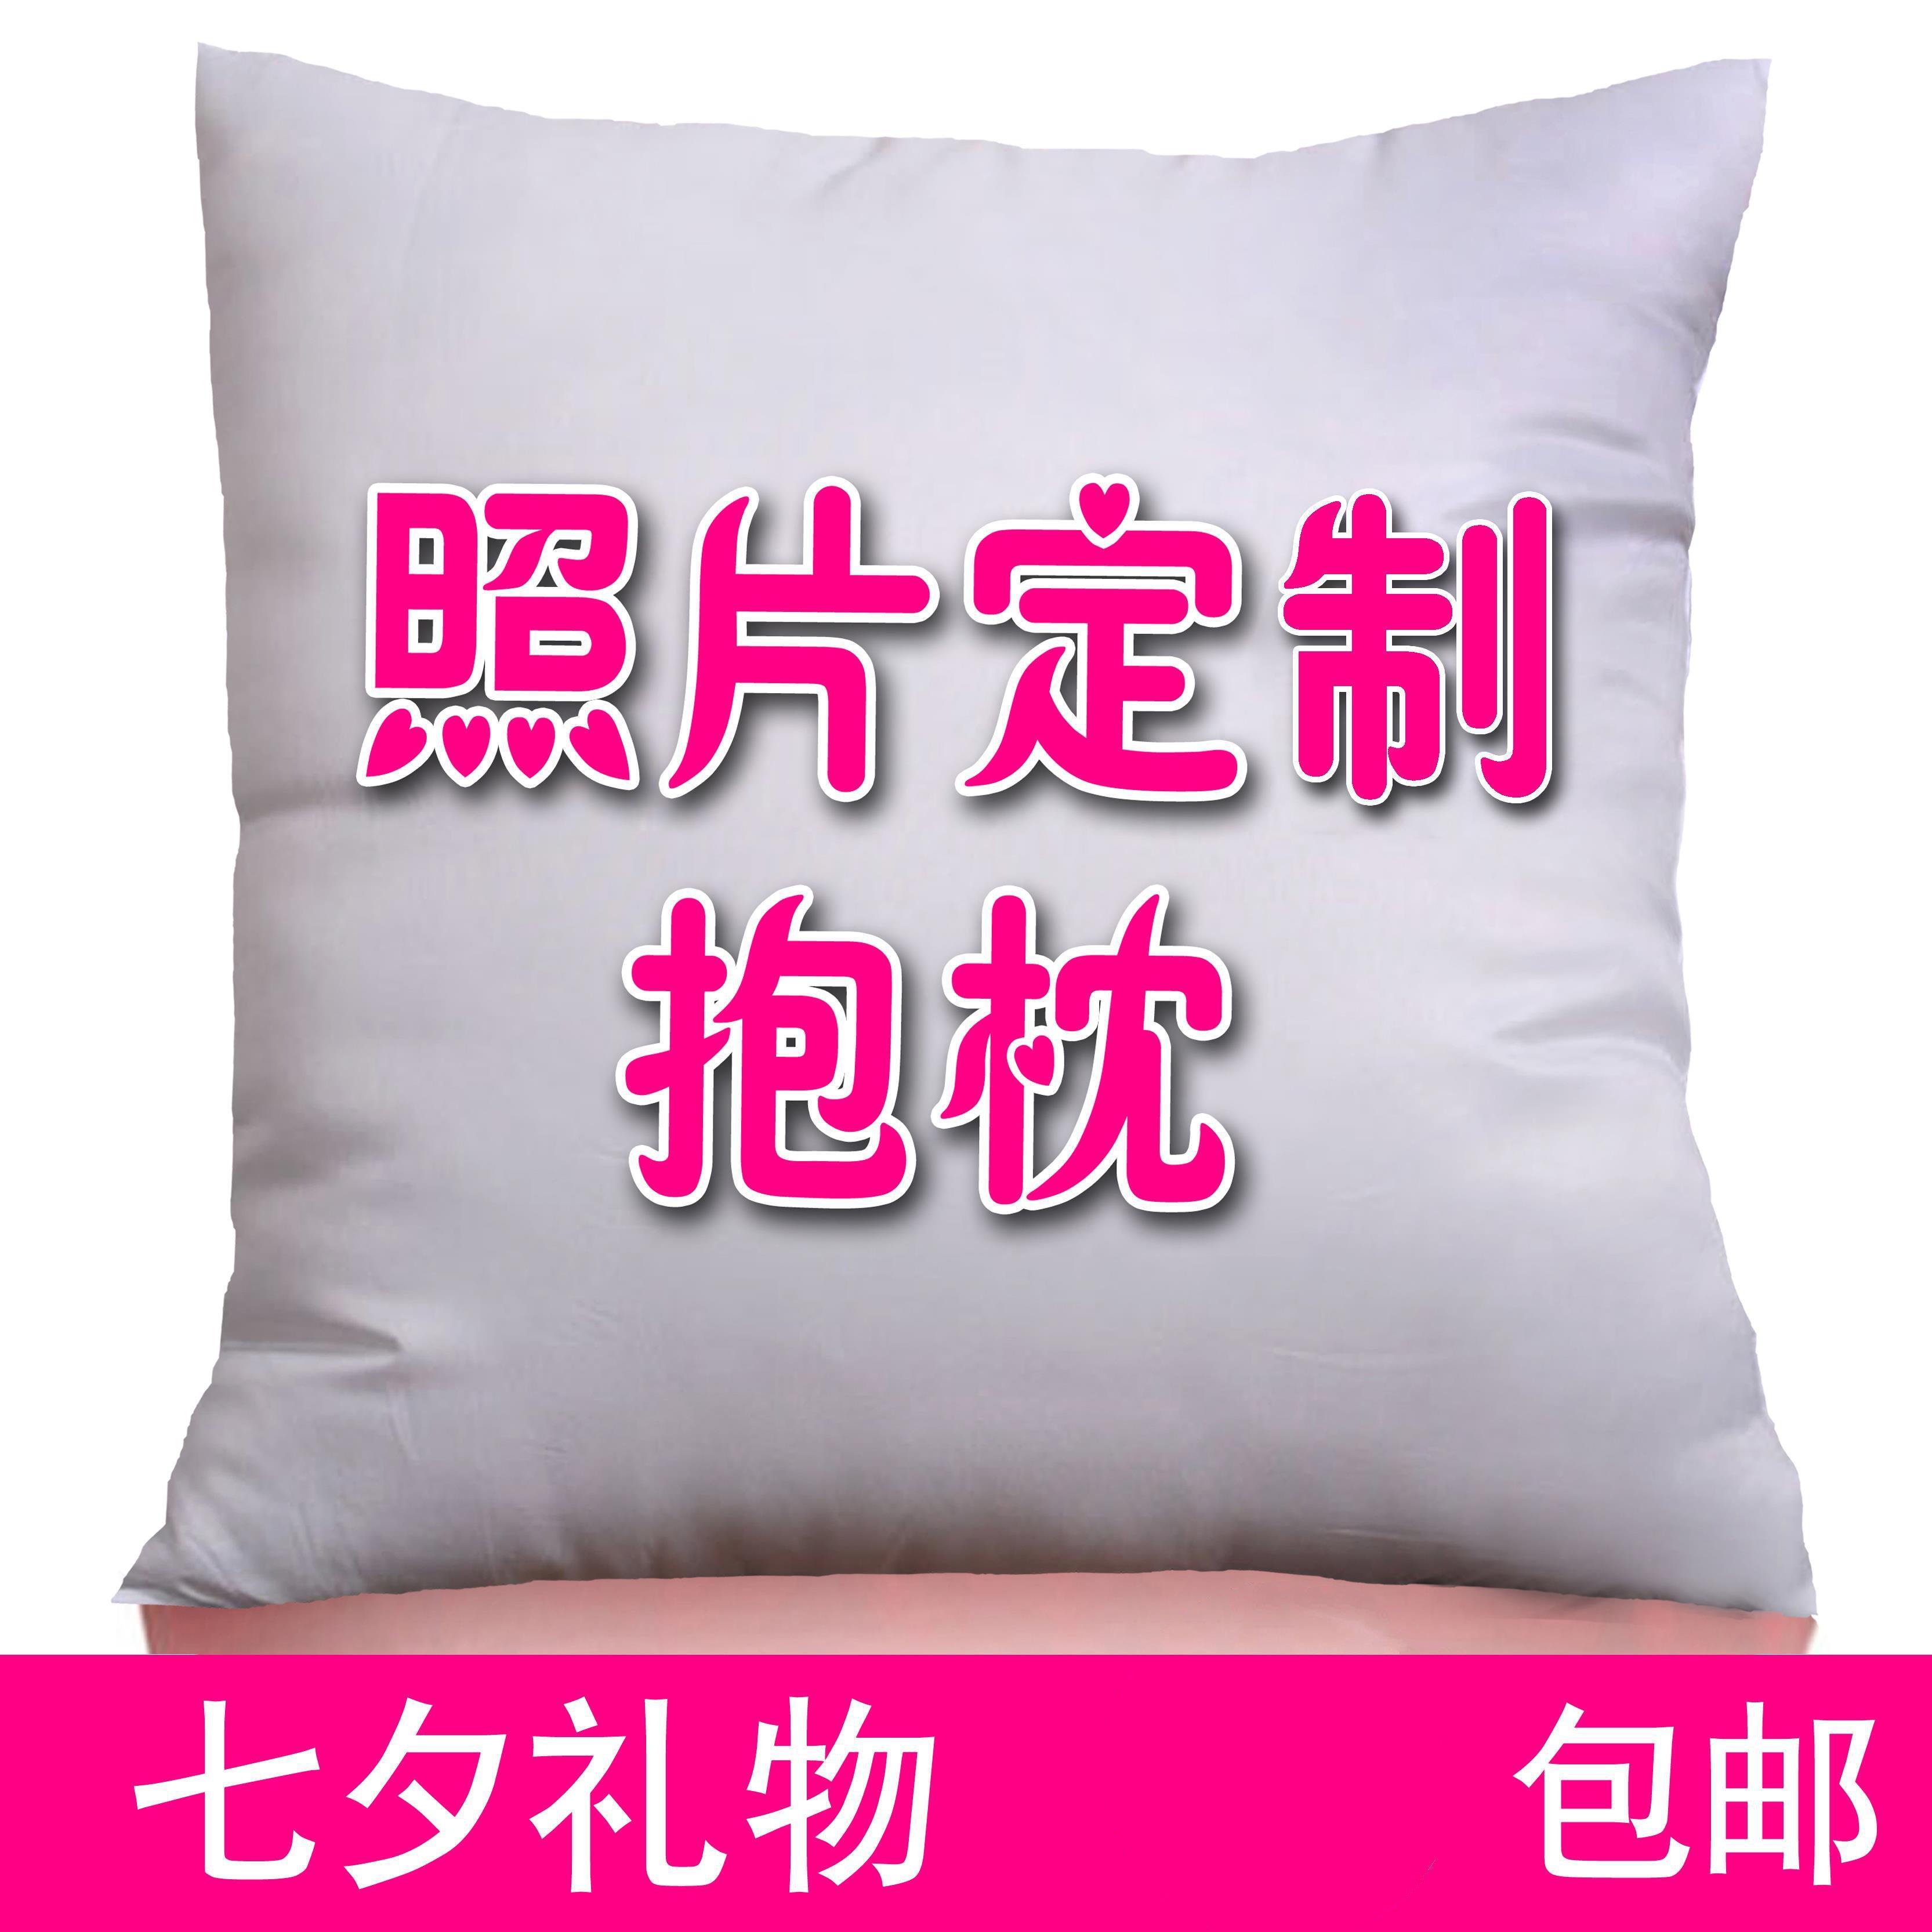 週辺の呉亦凡枕を抱き写真図カスタムメードクッション創意結婚誕生日プレゼント